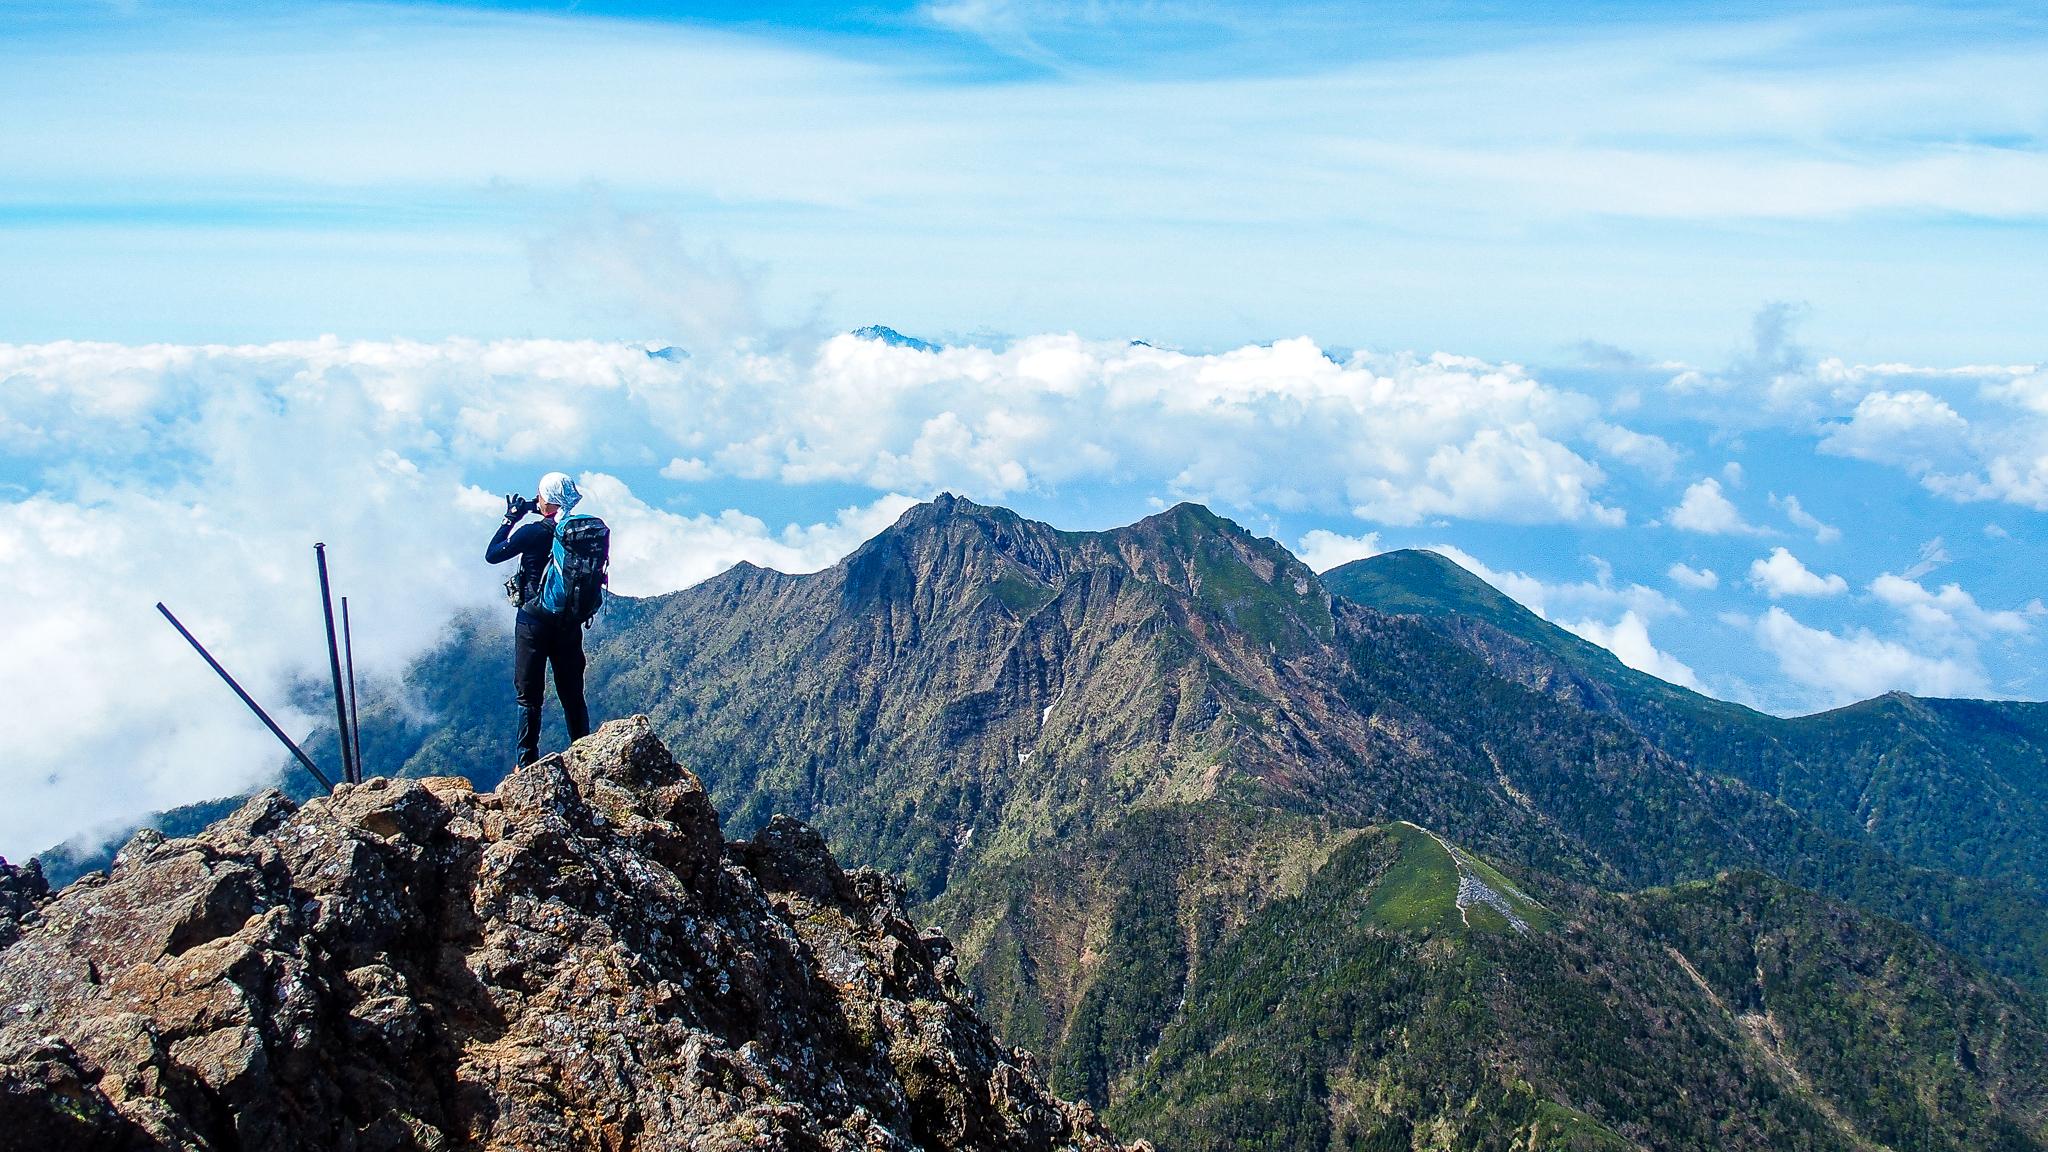 八ヶ岳(赤岳・横岳・硫黄岳)・赤岳山頂の景色